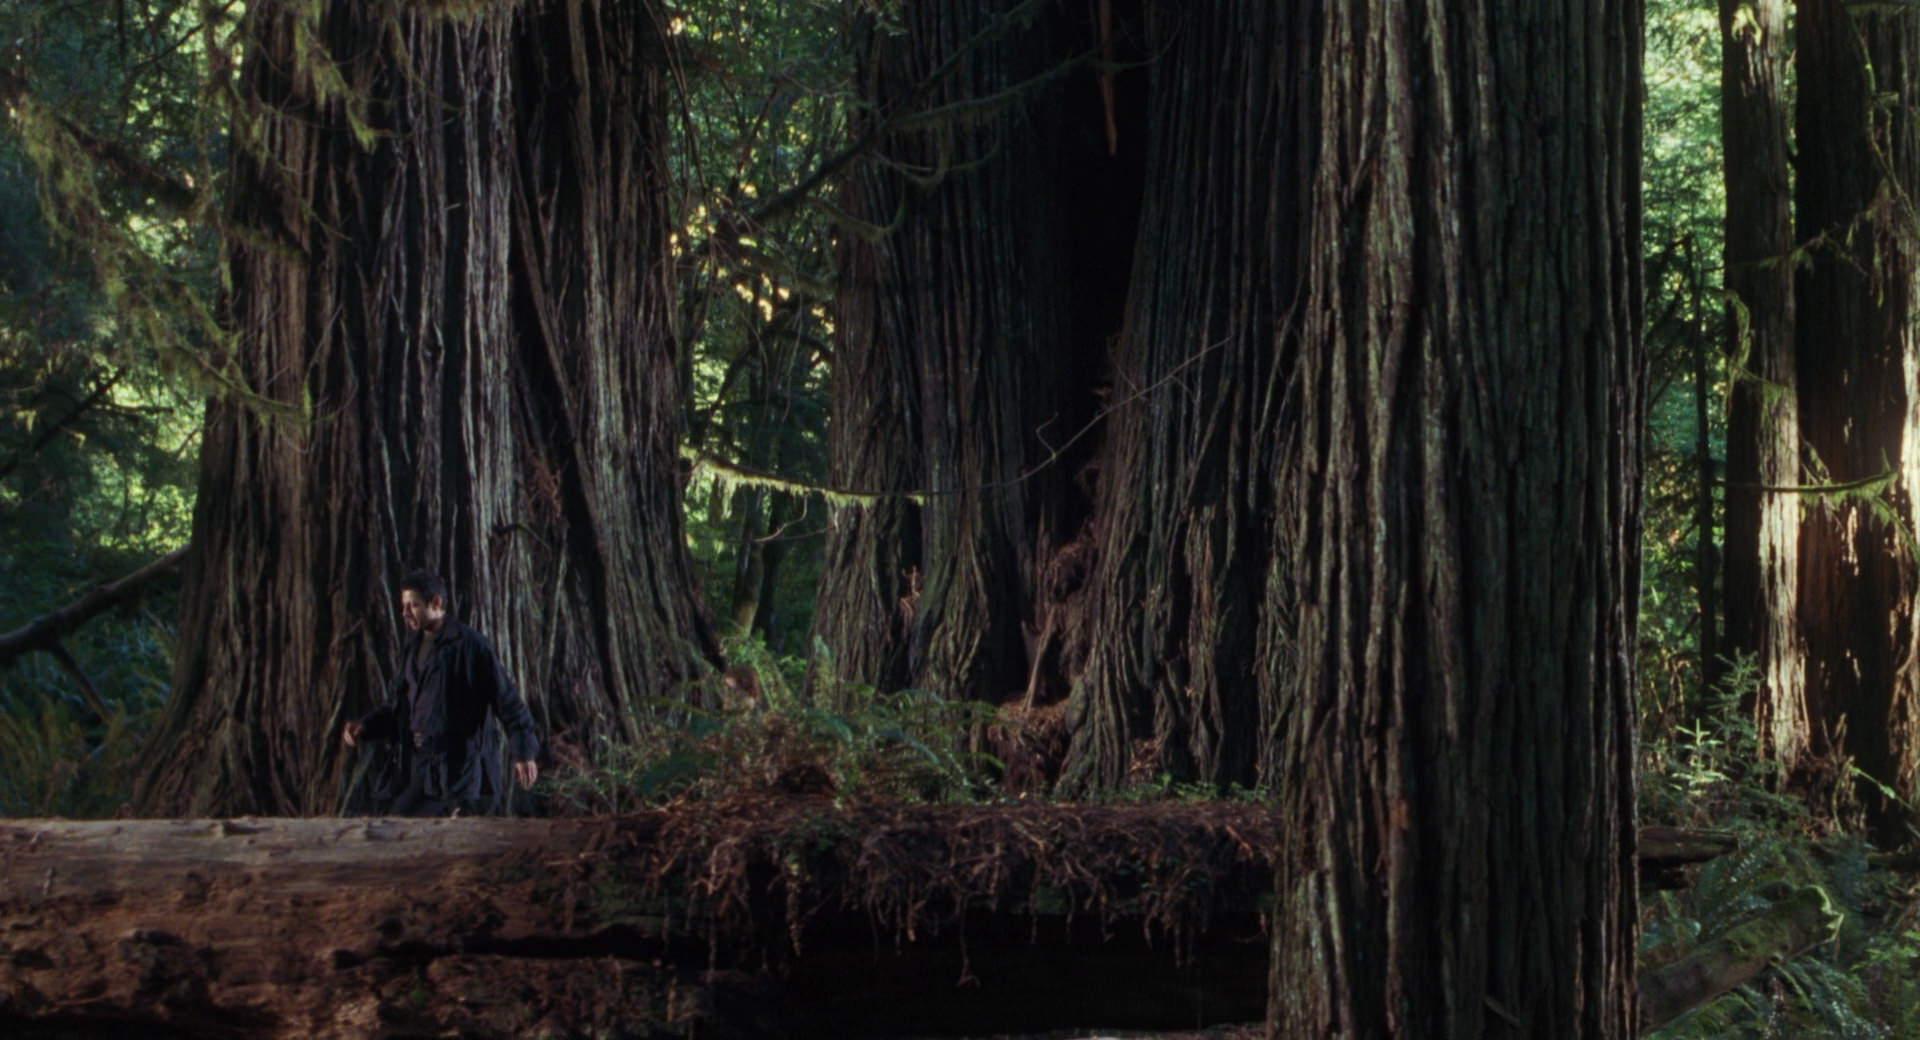 The Lost World Jurassic Park Screencaps are here Jurassic-lost-world-movie-screencaps.com-3276